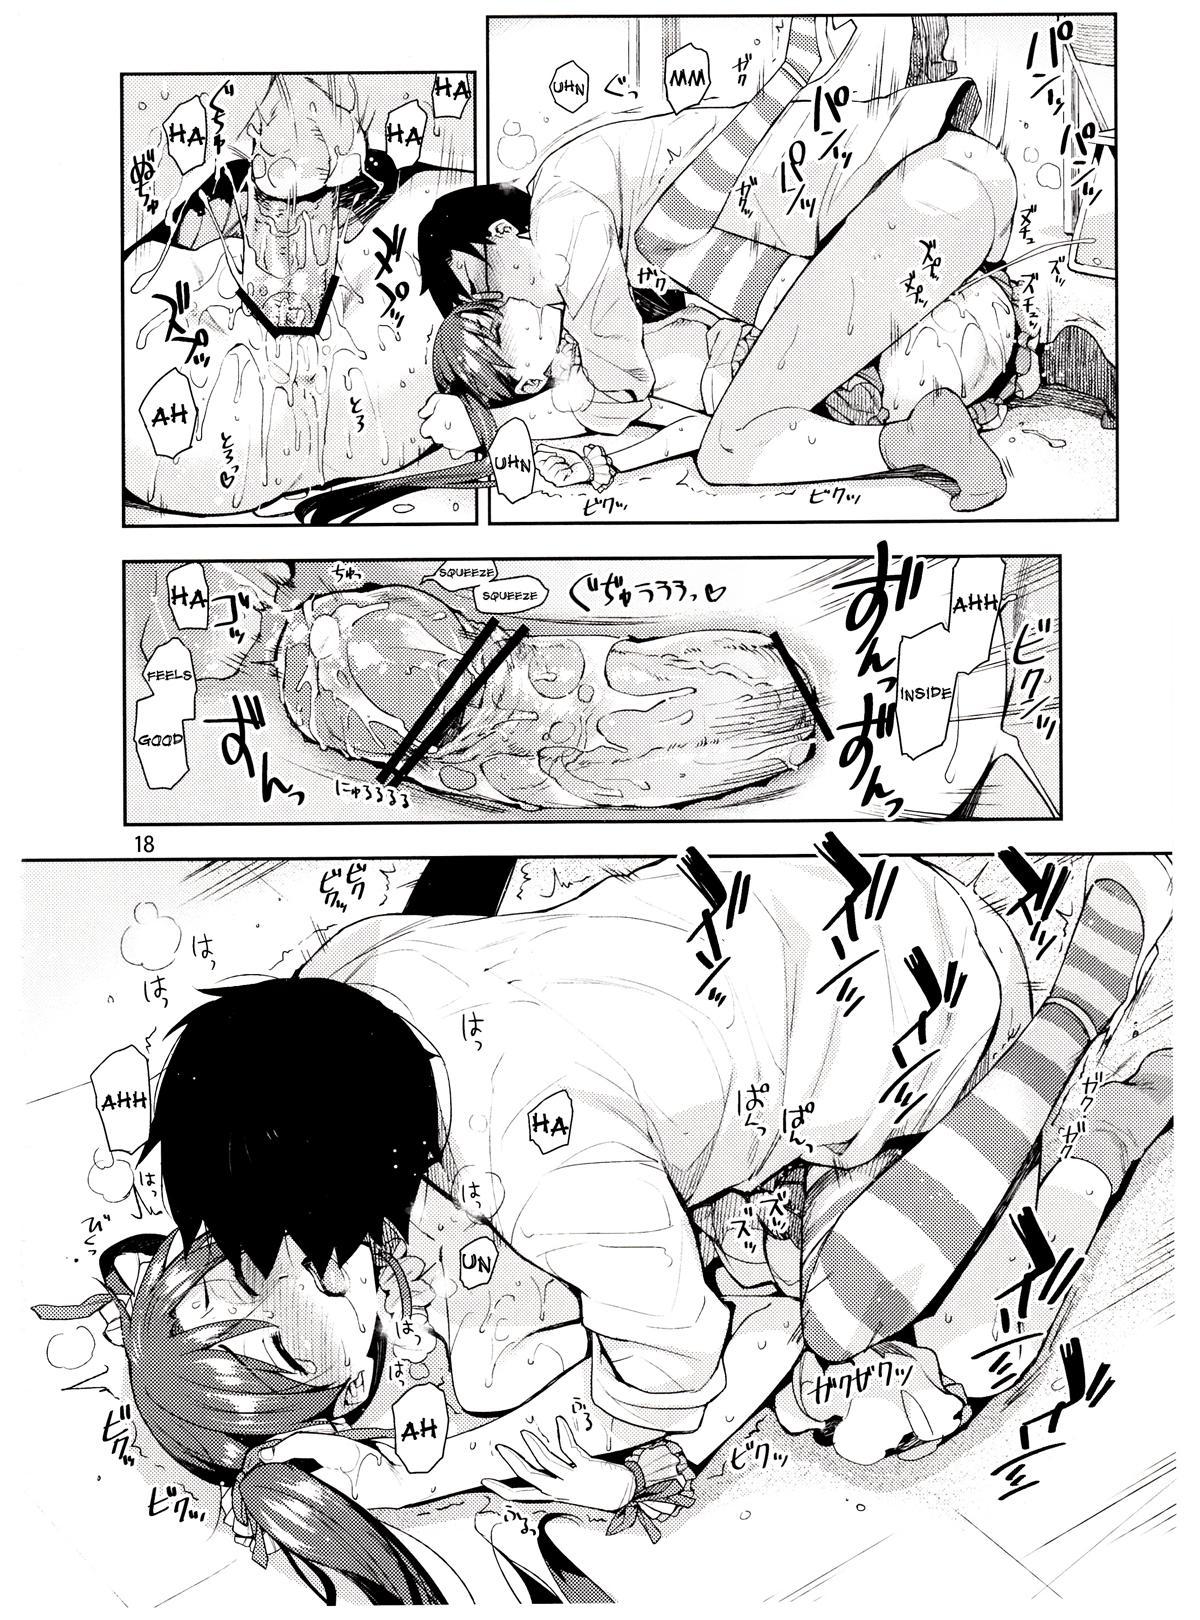 Chihaya ga Kawai Sugite Gaman Dekinaku Natta...!! | I Can't Control Myself Because Chihaya Is Too Cute 16